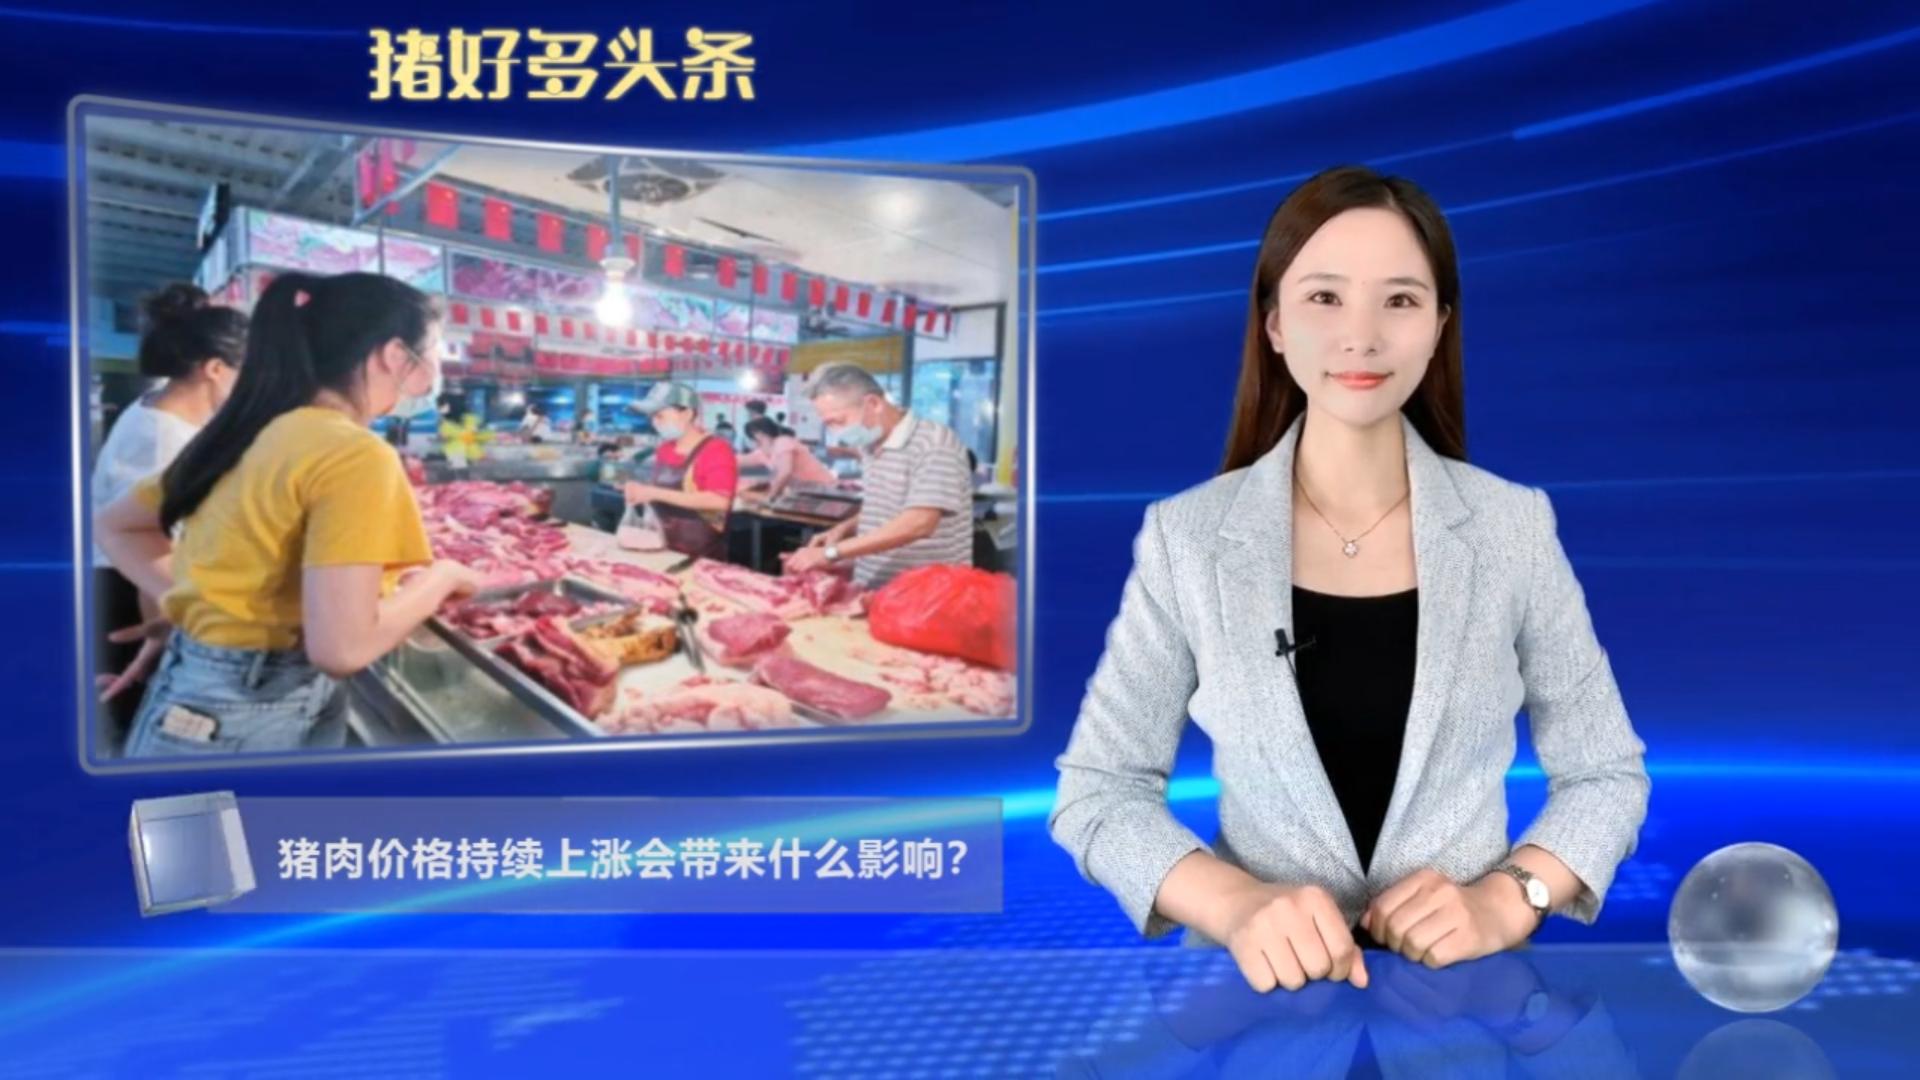 猪肉价格持续上涨带来3大影响,消费者:忘记猪肉是啥味了?!